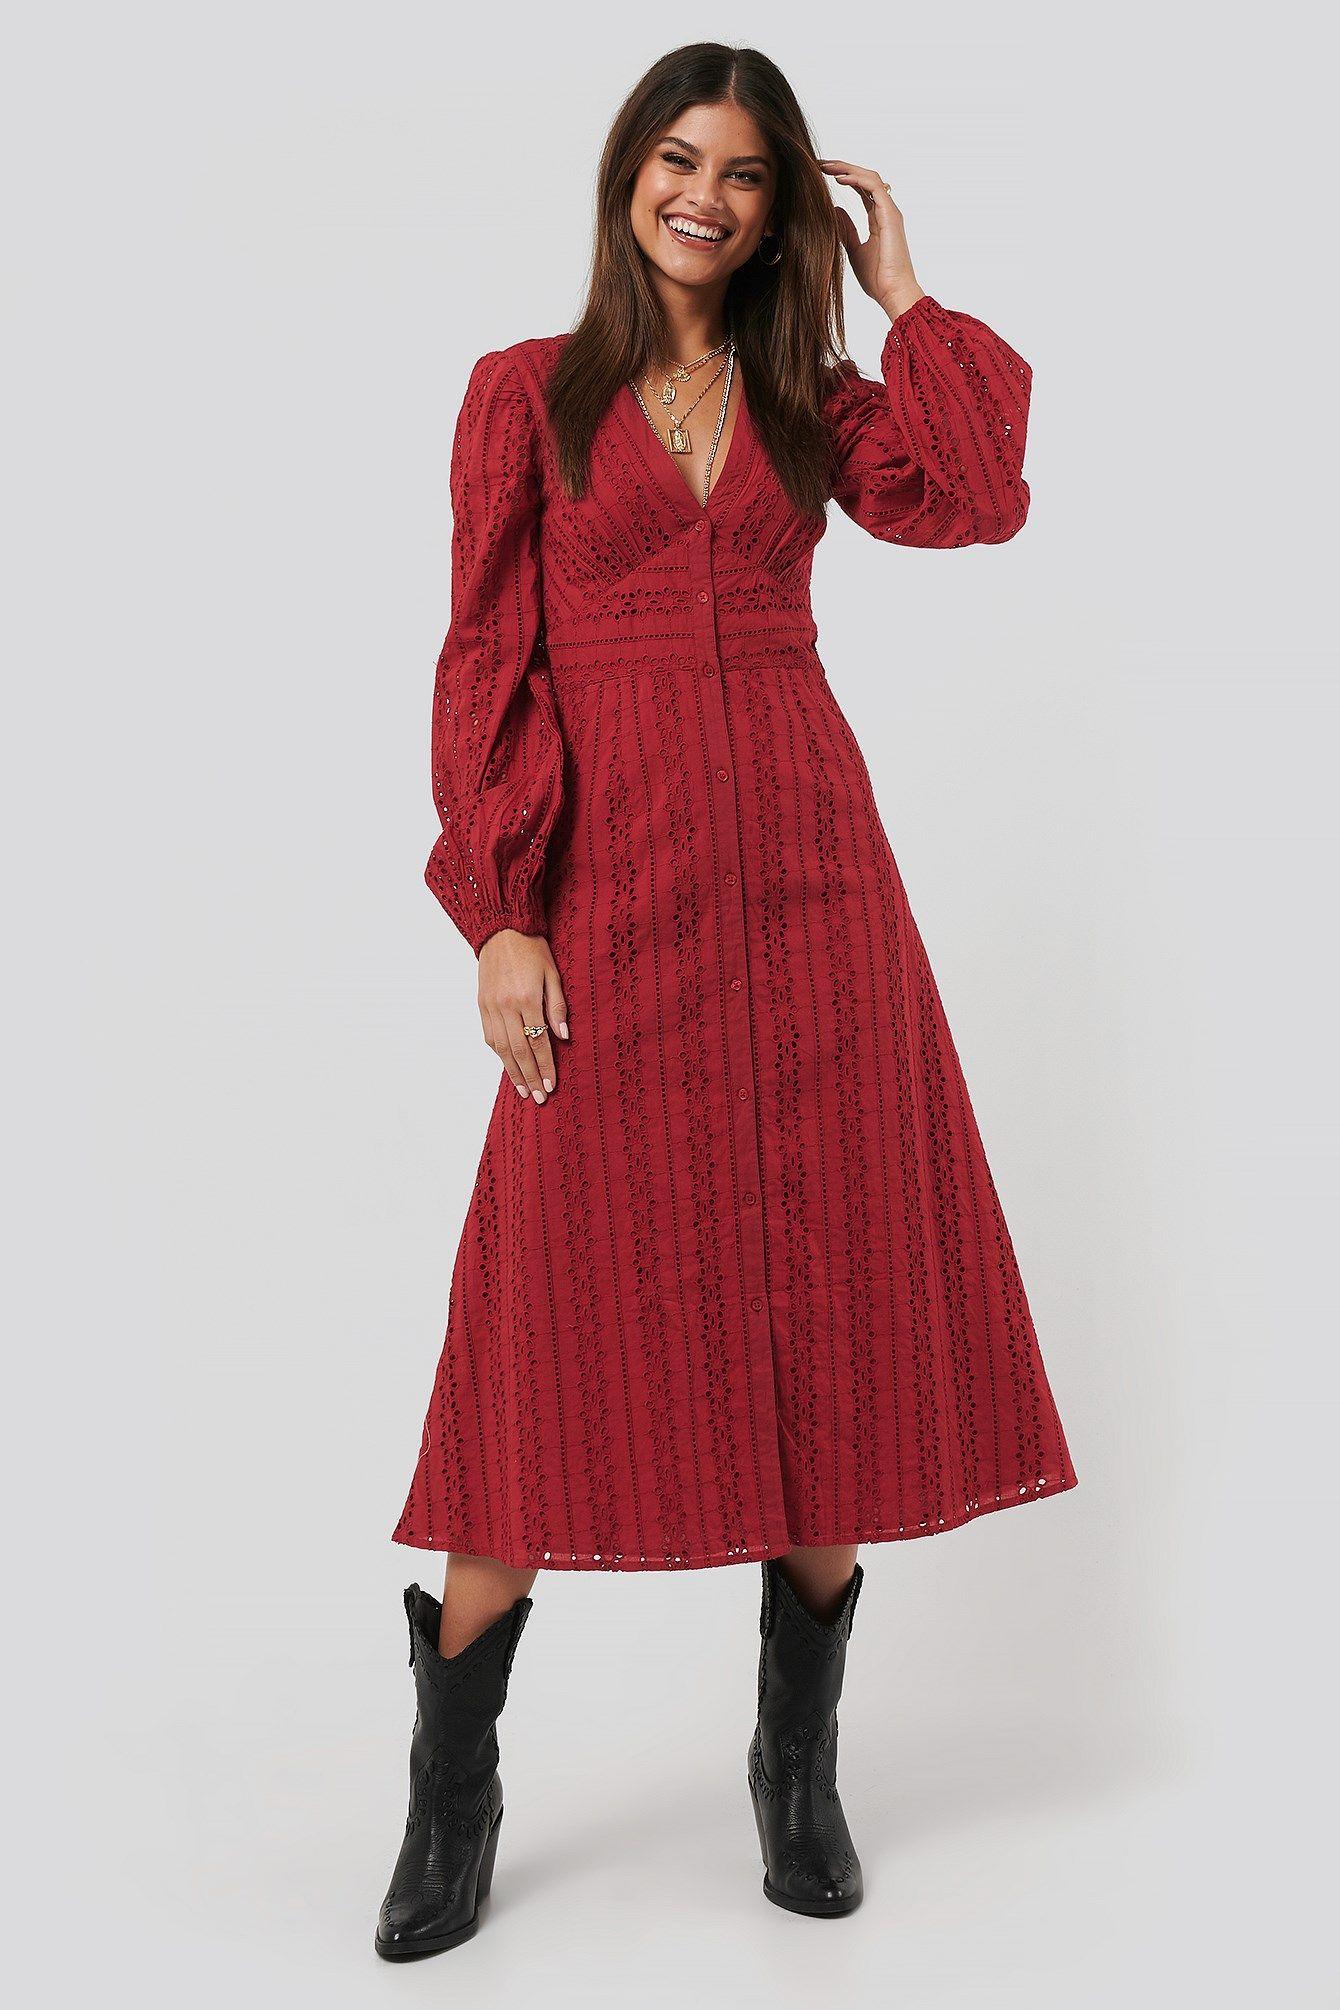 Denne kjolen til julebord? Klær, sko og mote